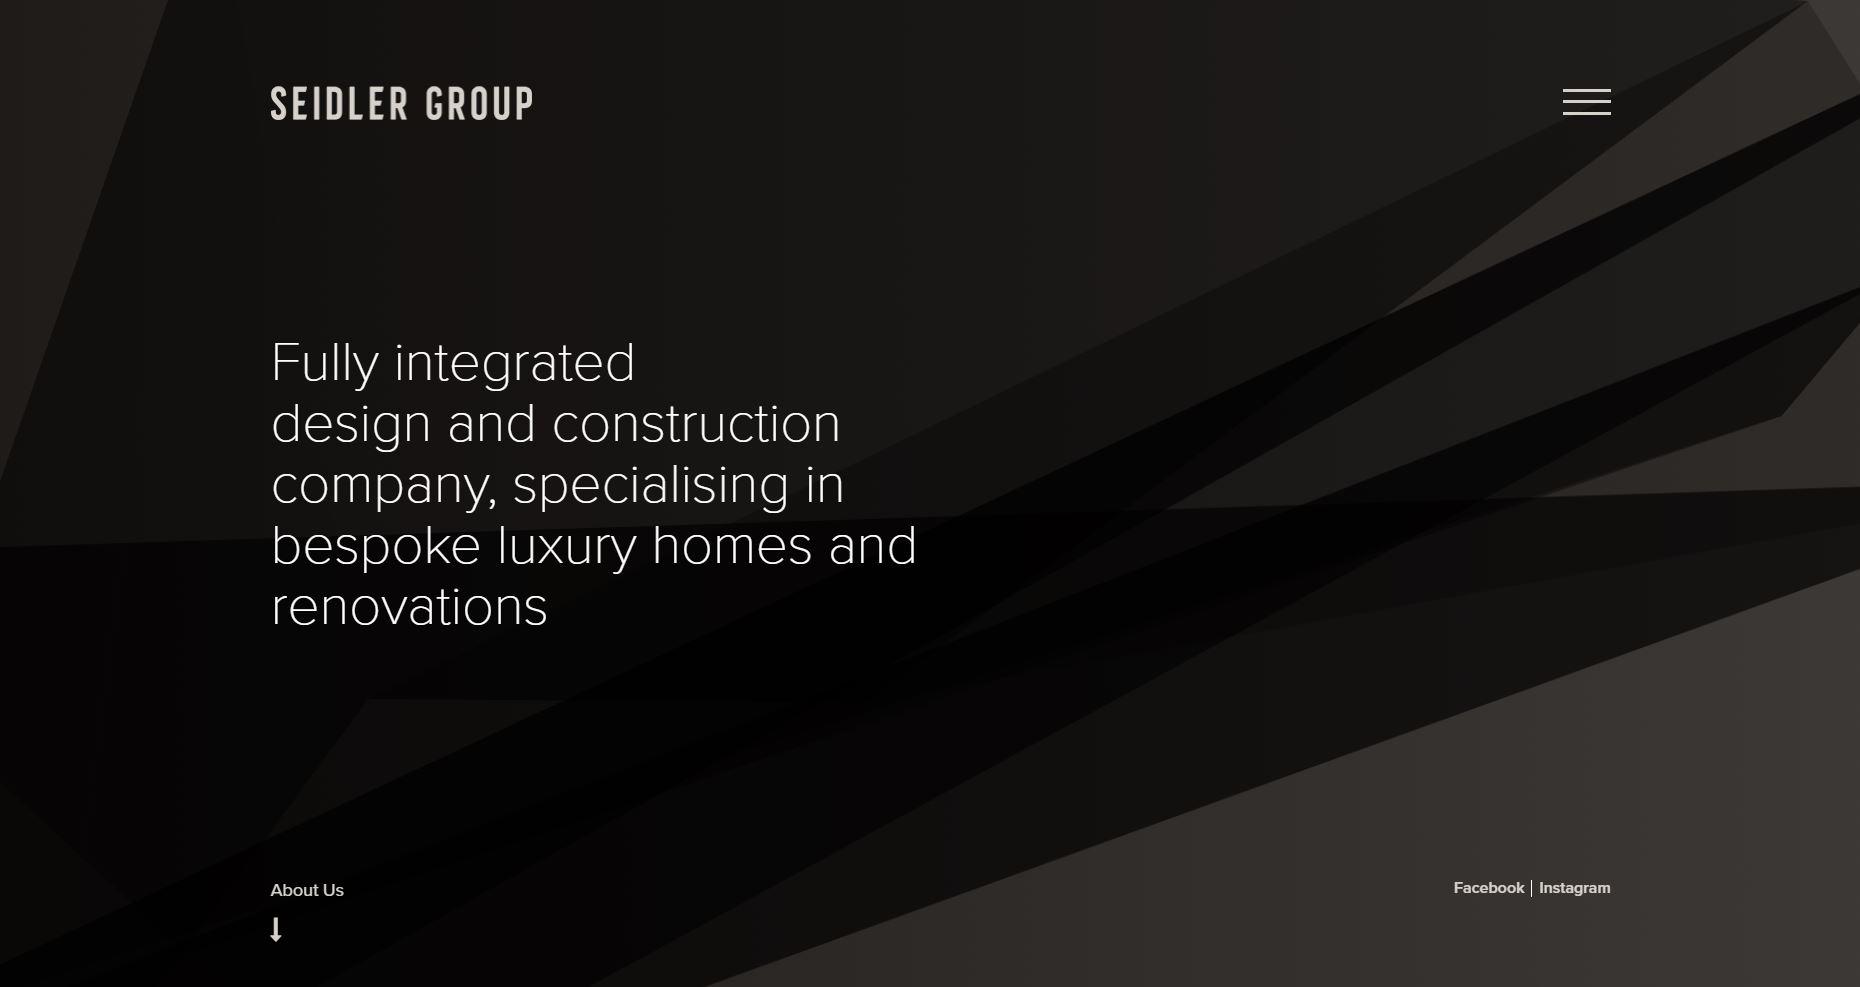 Seidler Group